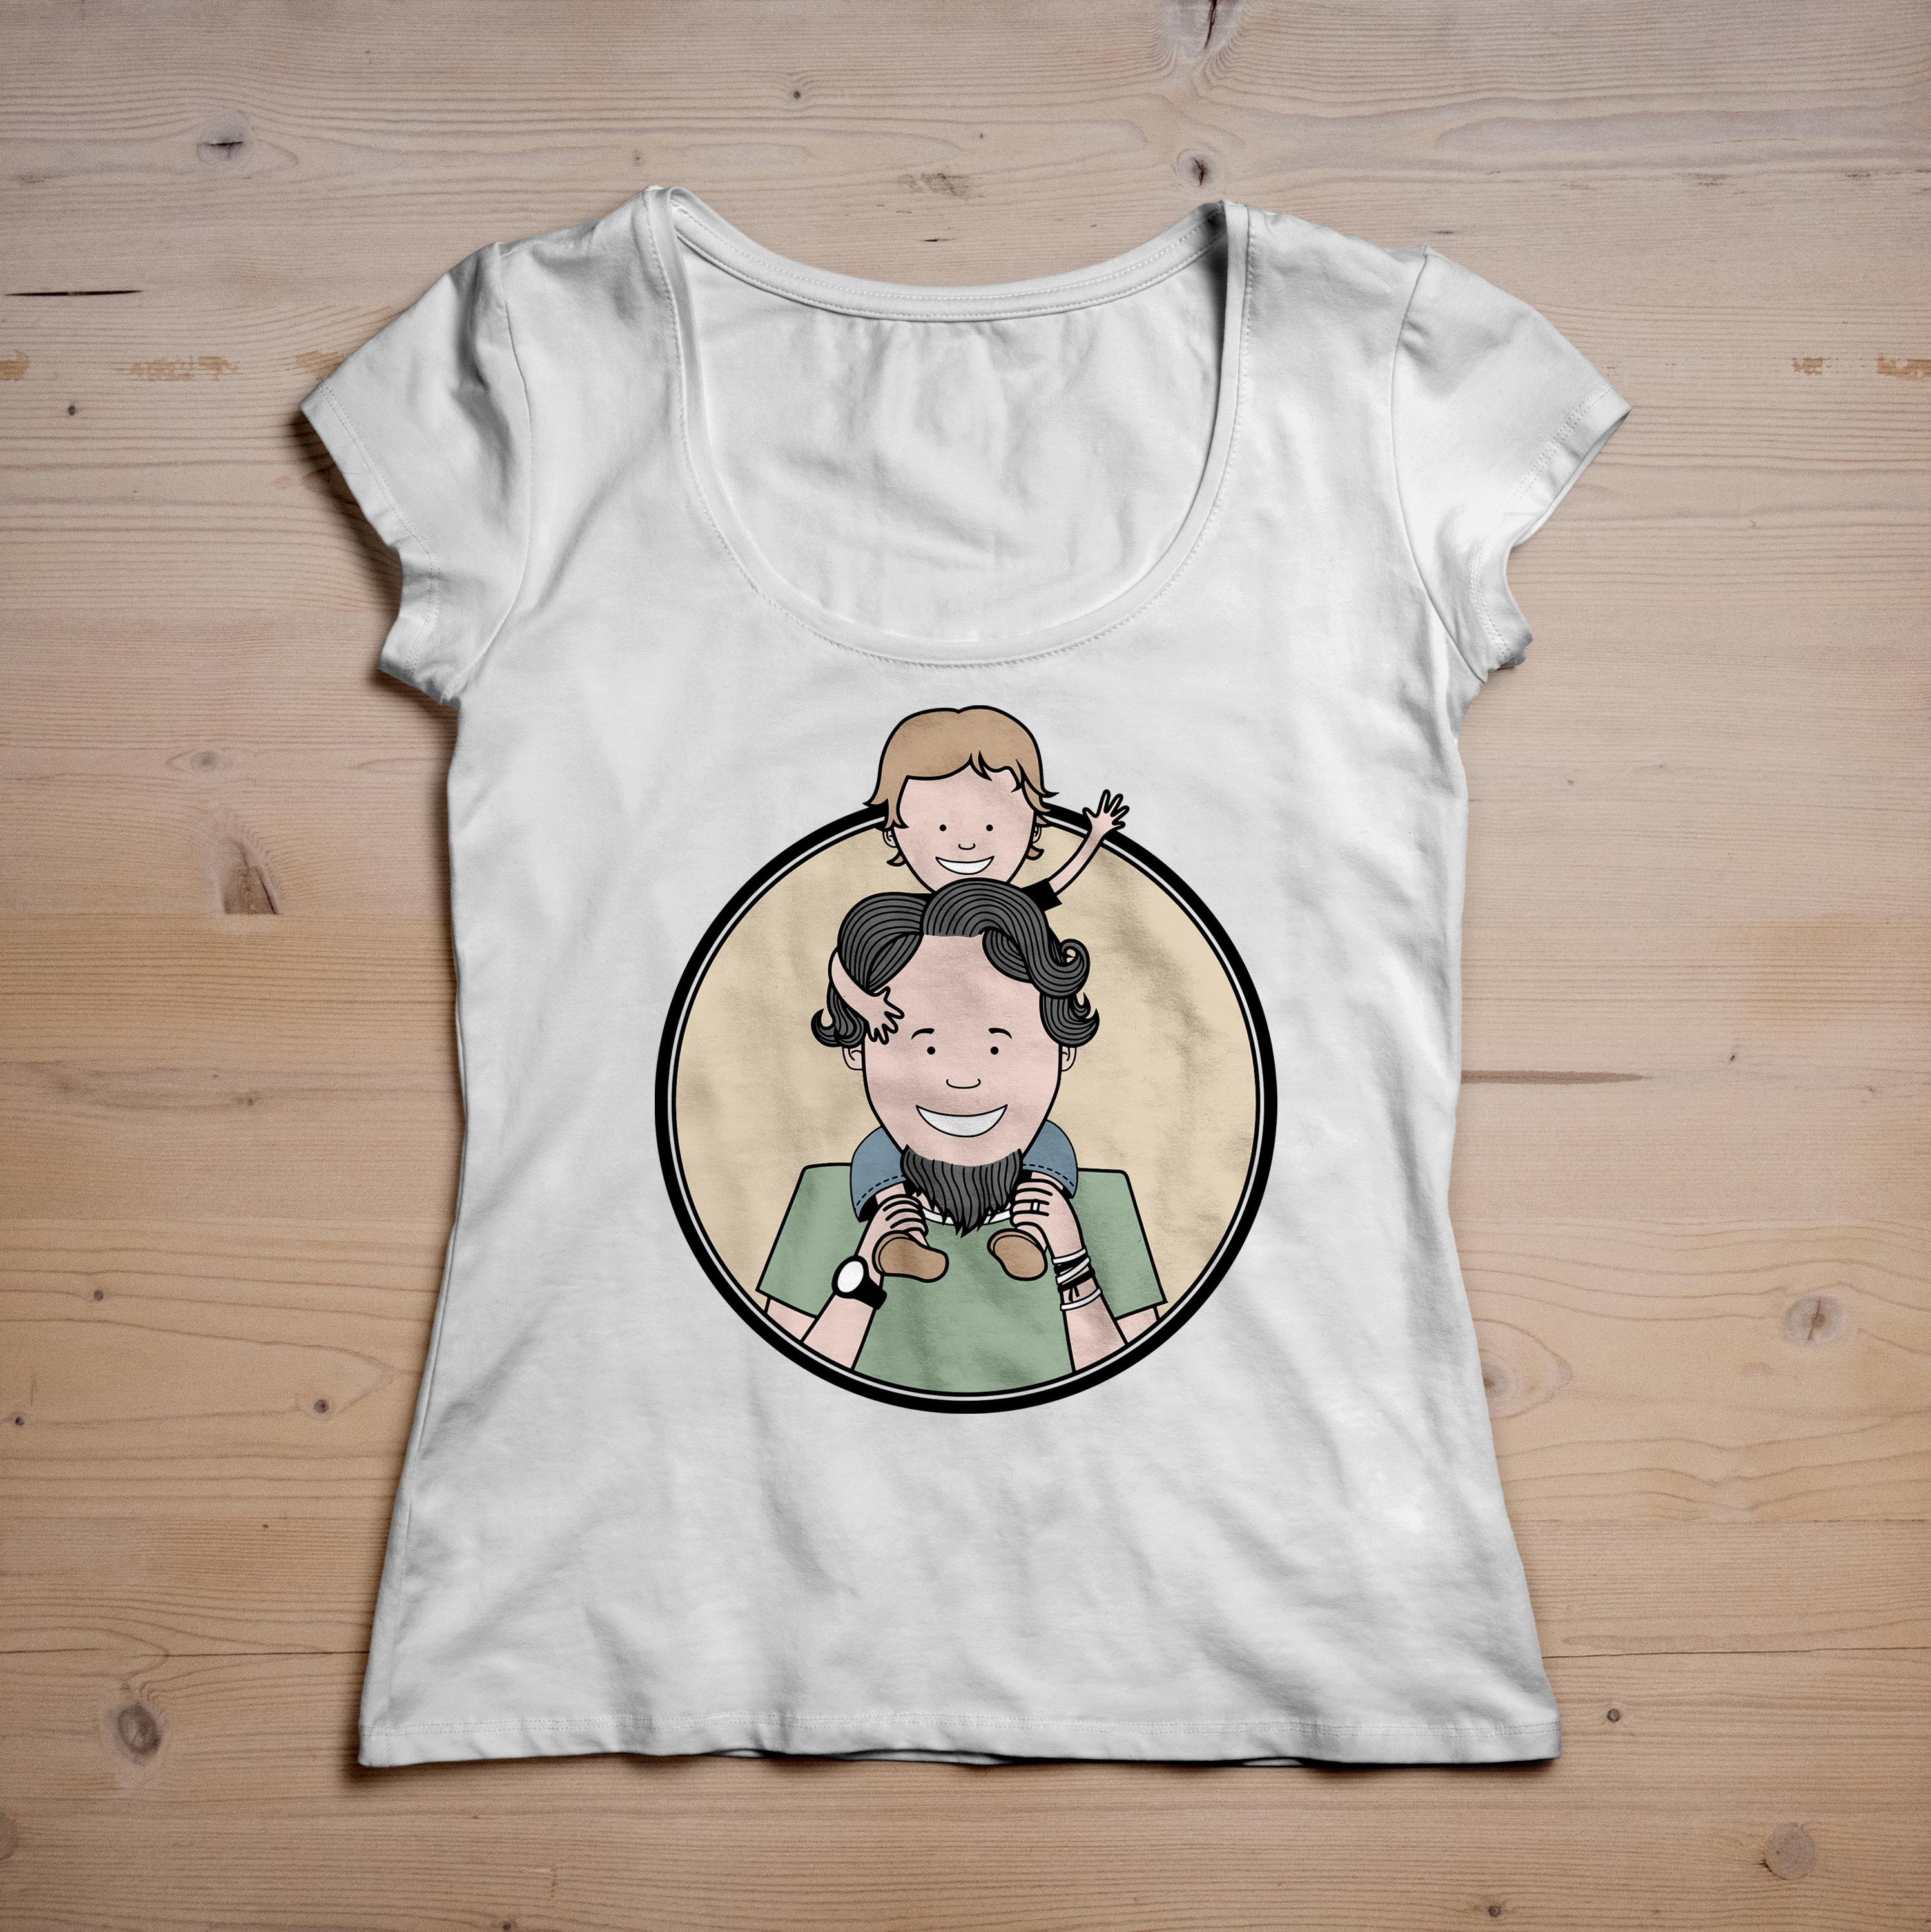 graphisme illustration personnalisee t shirt cadeau fete pere dessin enfant sur epaules papa